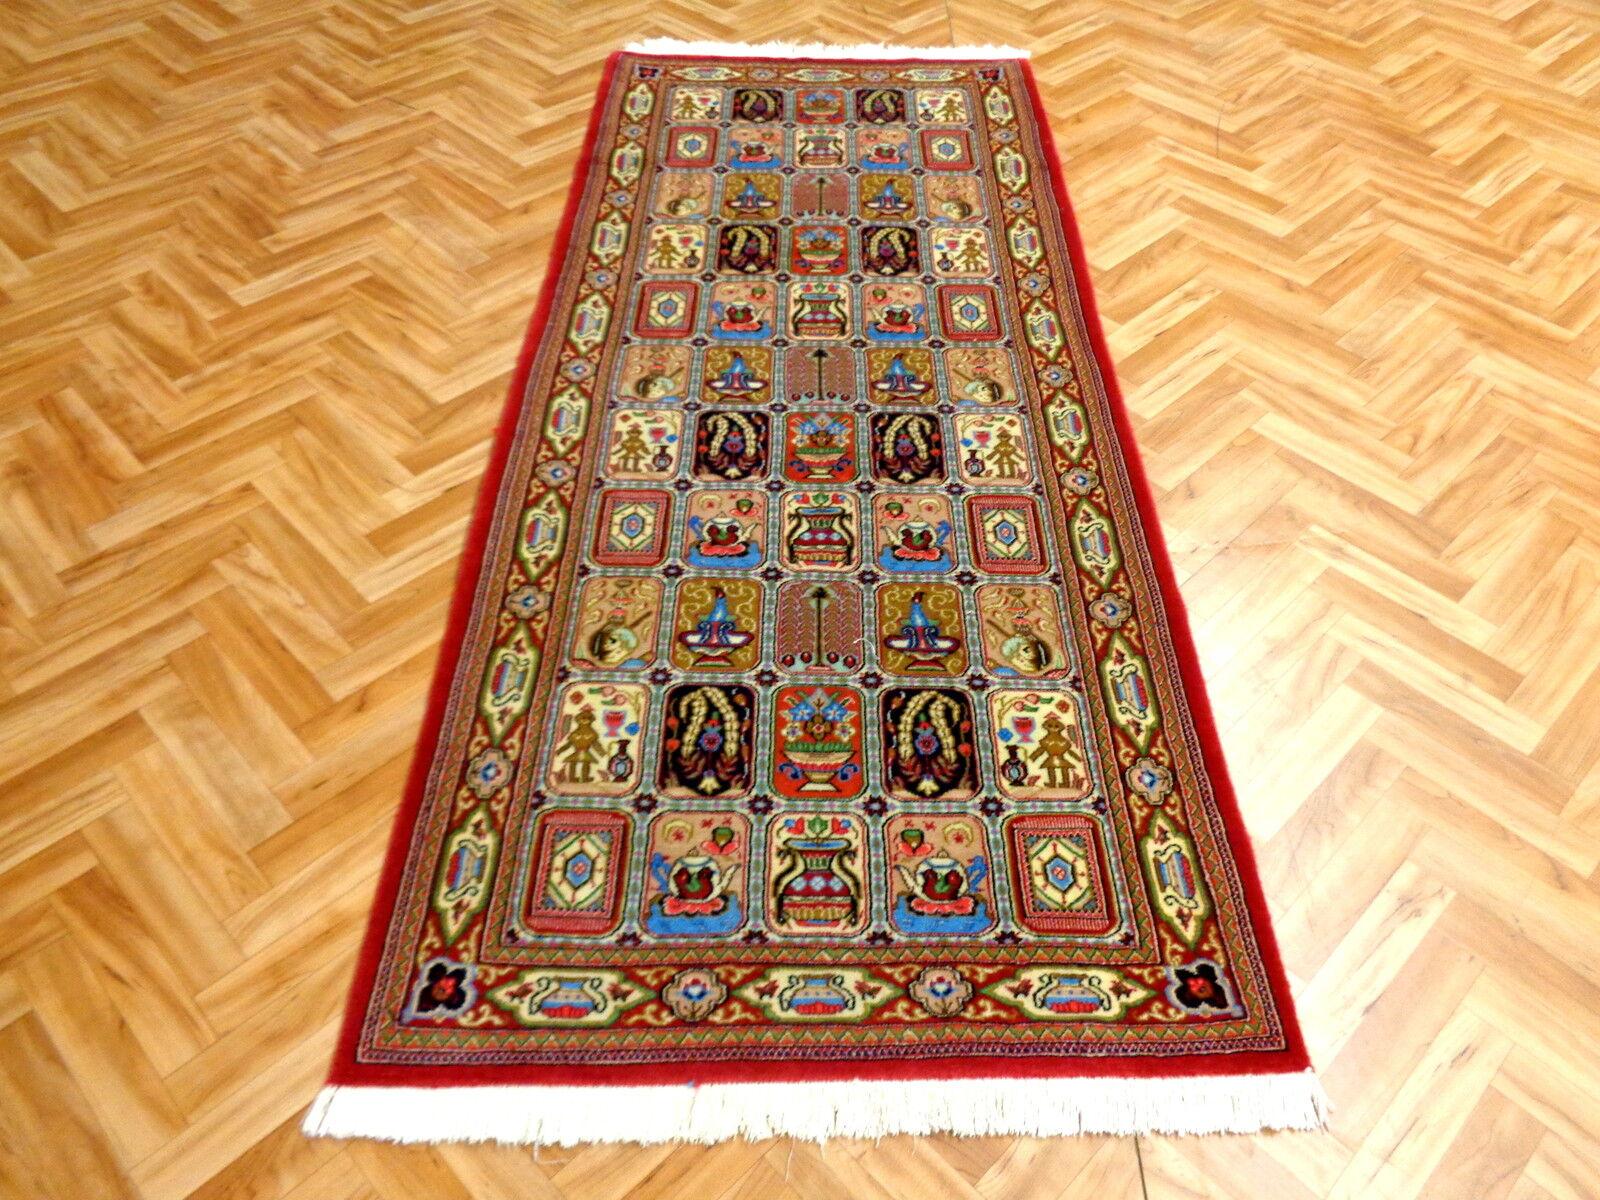 Orientteppich Feiner Teppich mit Seide+Kork Läufer  200x84  Pure Pure Pure Luxus Unikat fab071